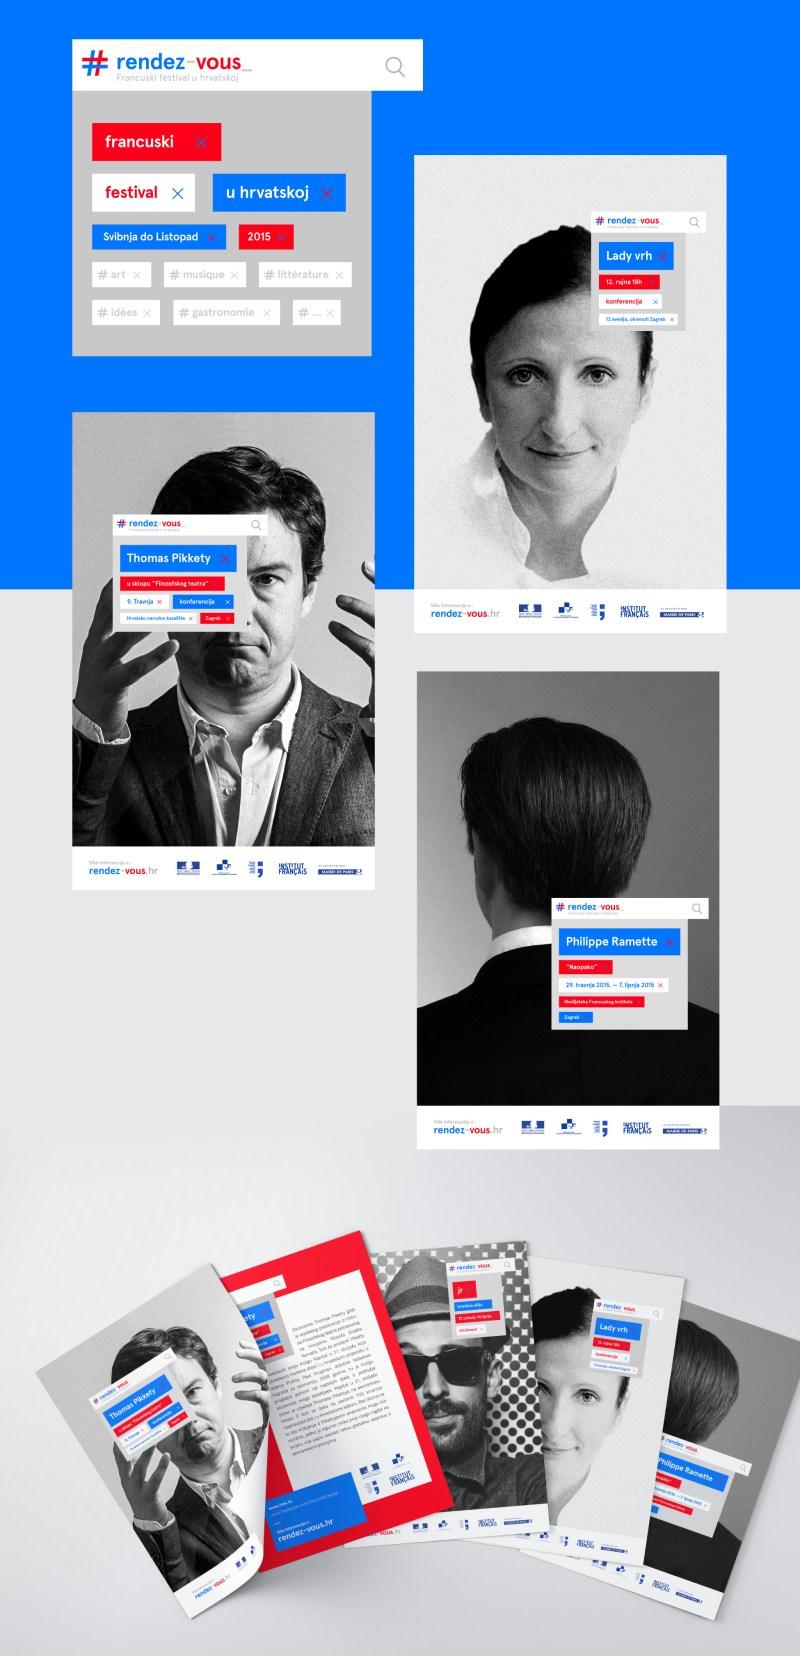 recherches-rendez-vous-hashtag-posters